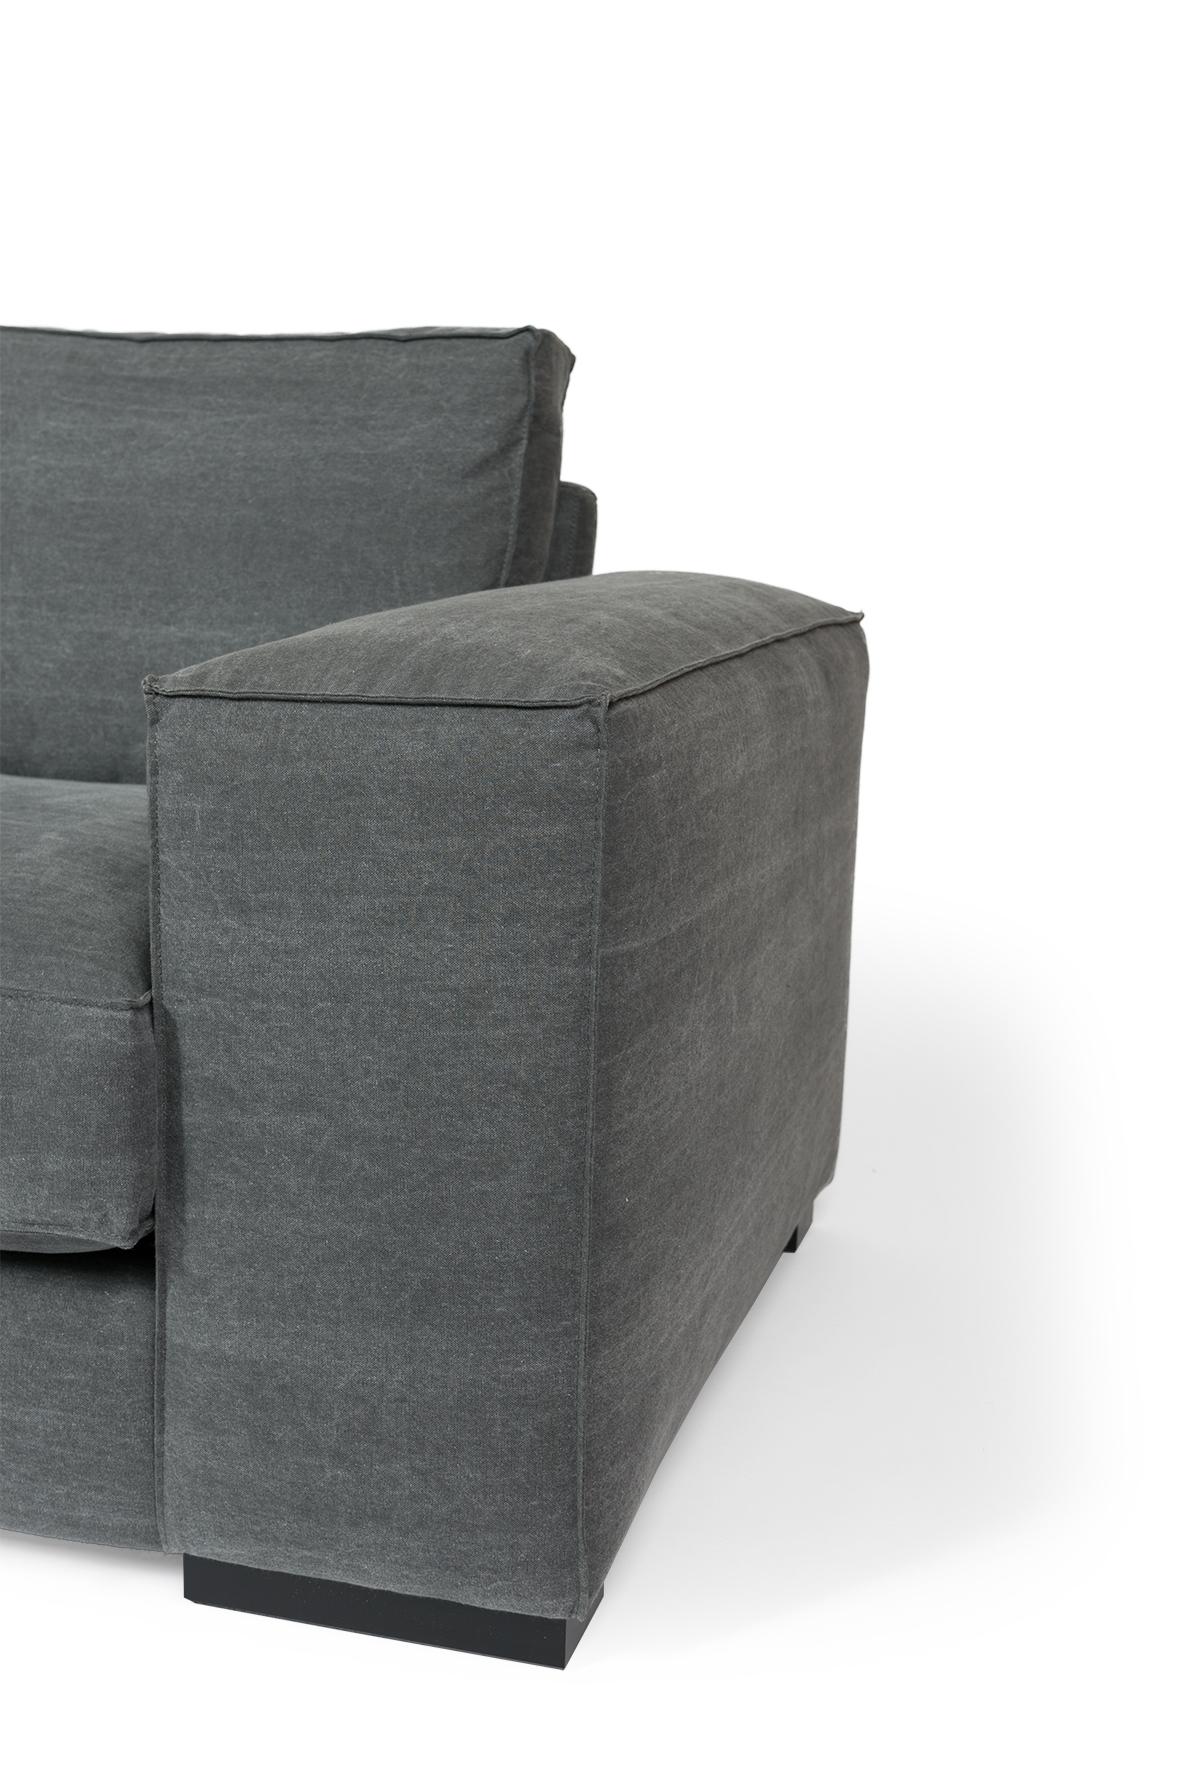 canap concept de ralph m raphaele meubles. Black Bedroom Furniture Sets. Home Design Ideas